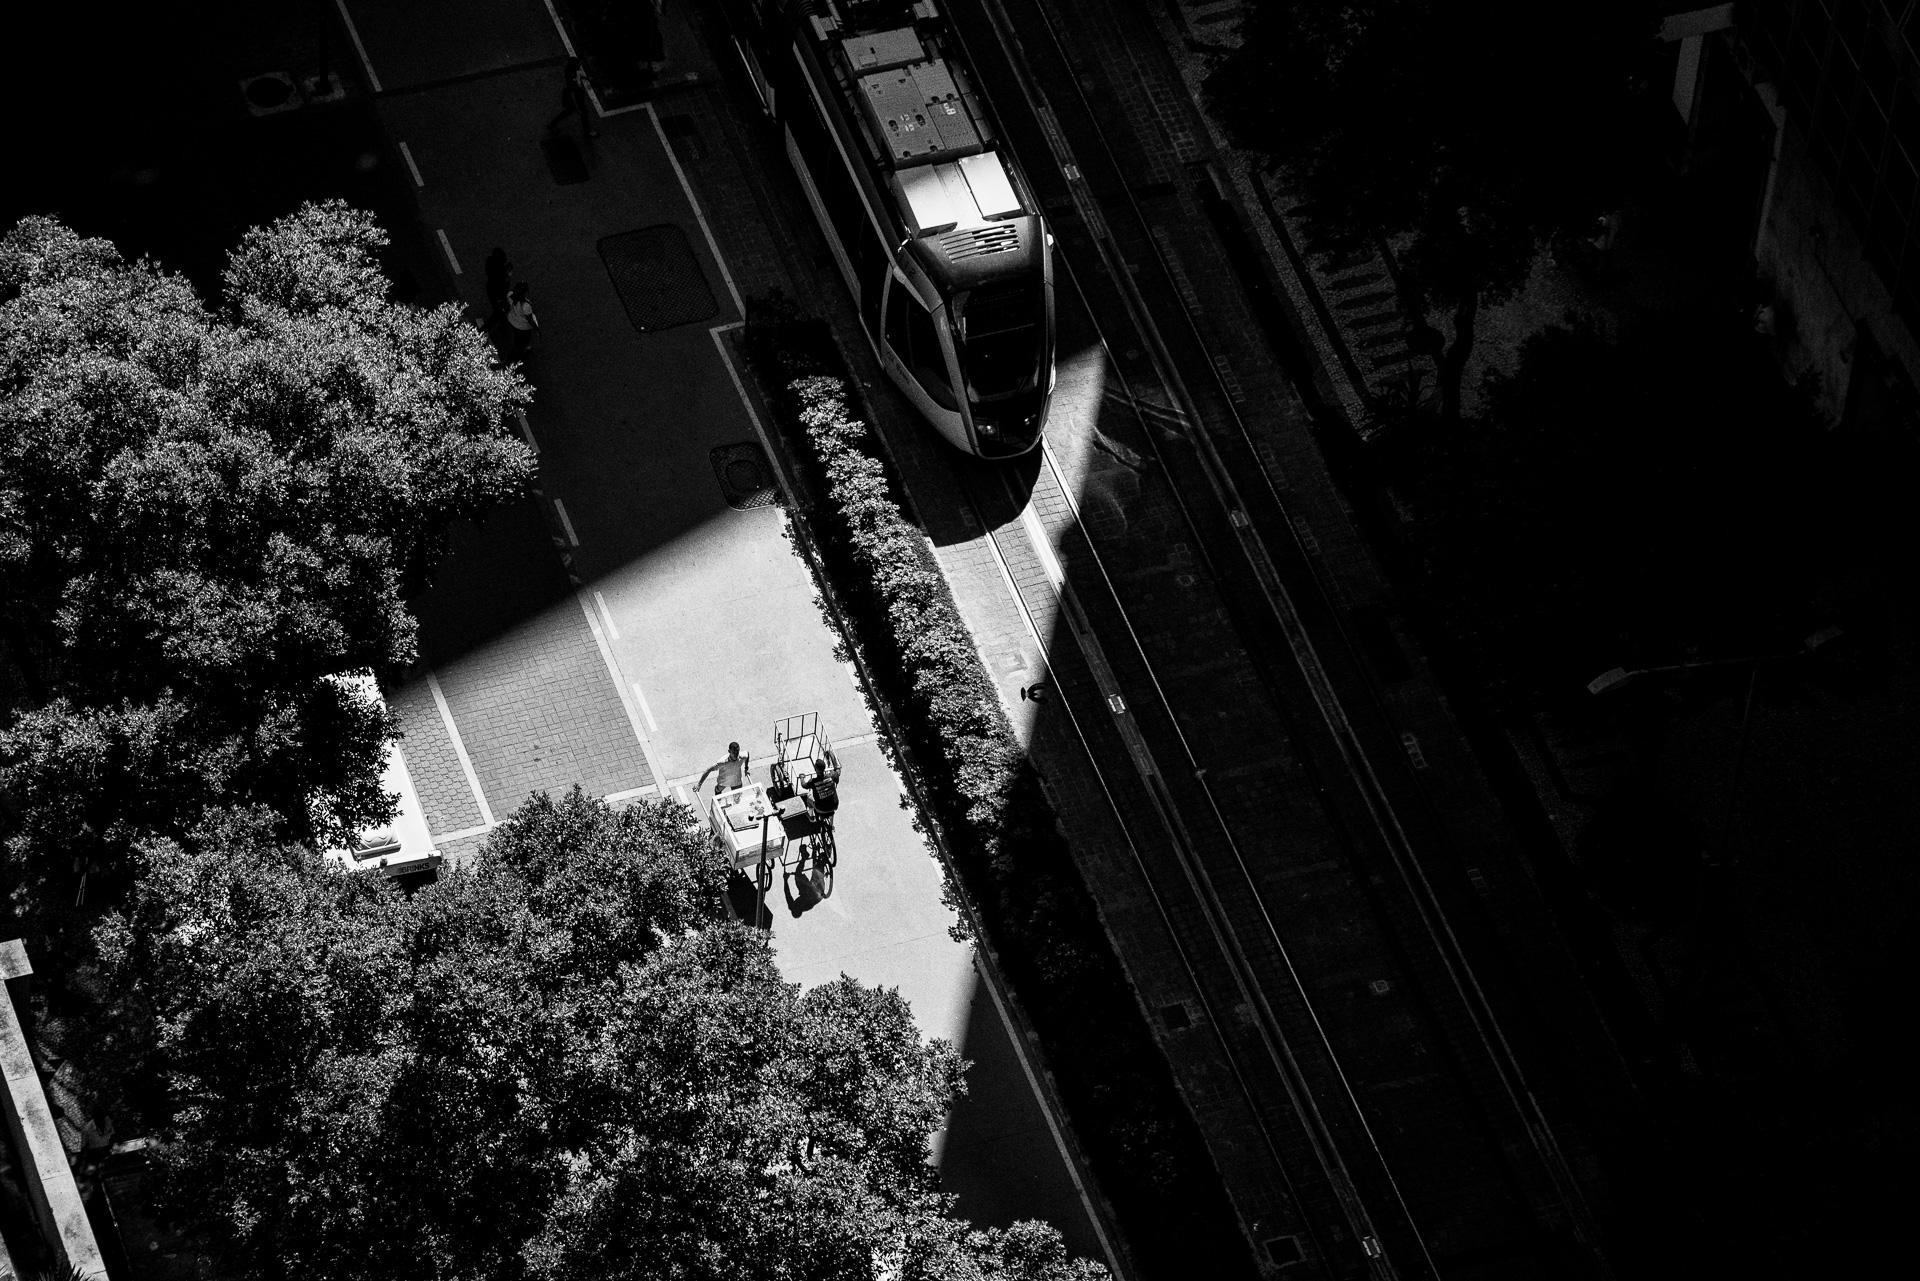 25/07/2017.VLT.Rio.Aereas prédio da Caixa Econômica Federal.